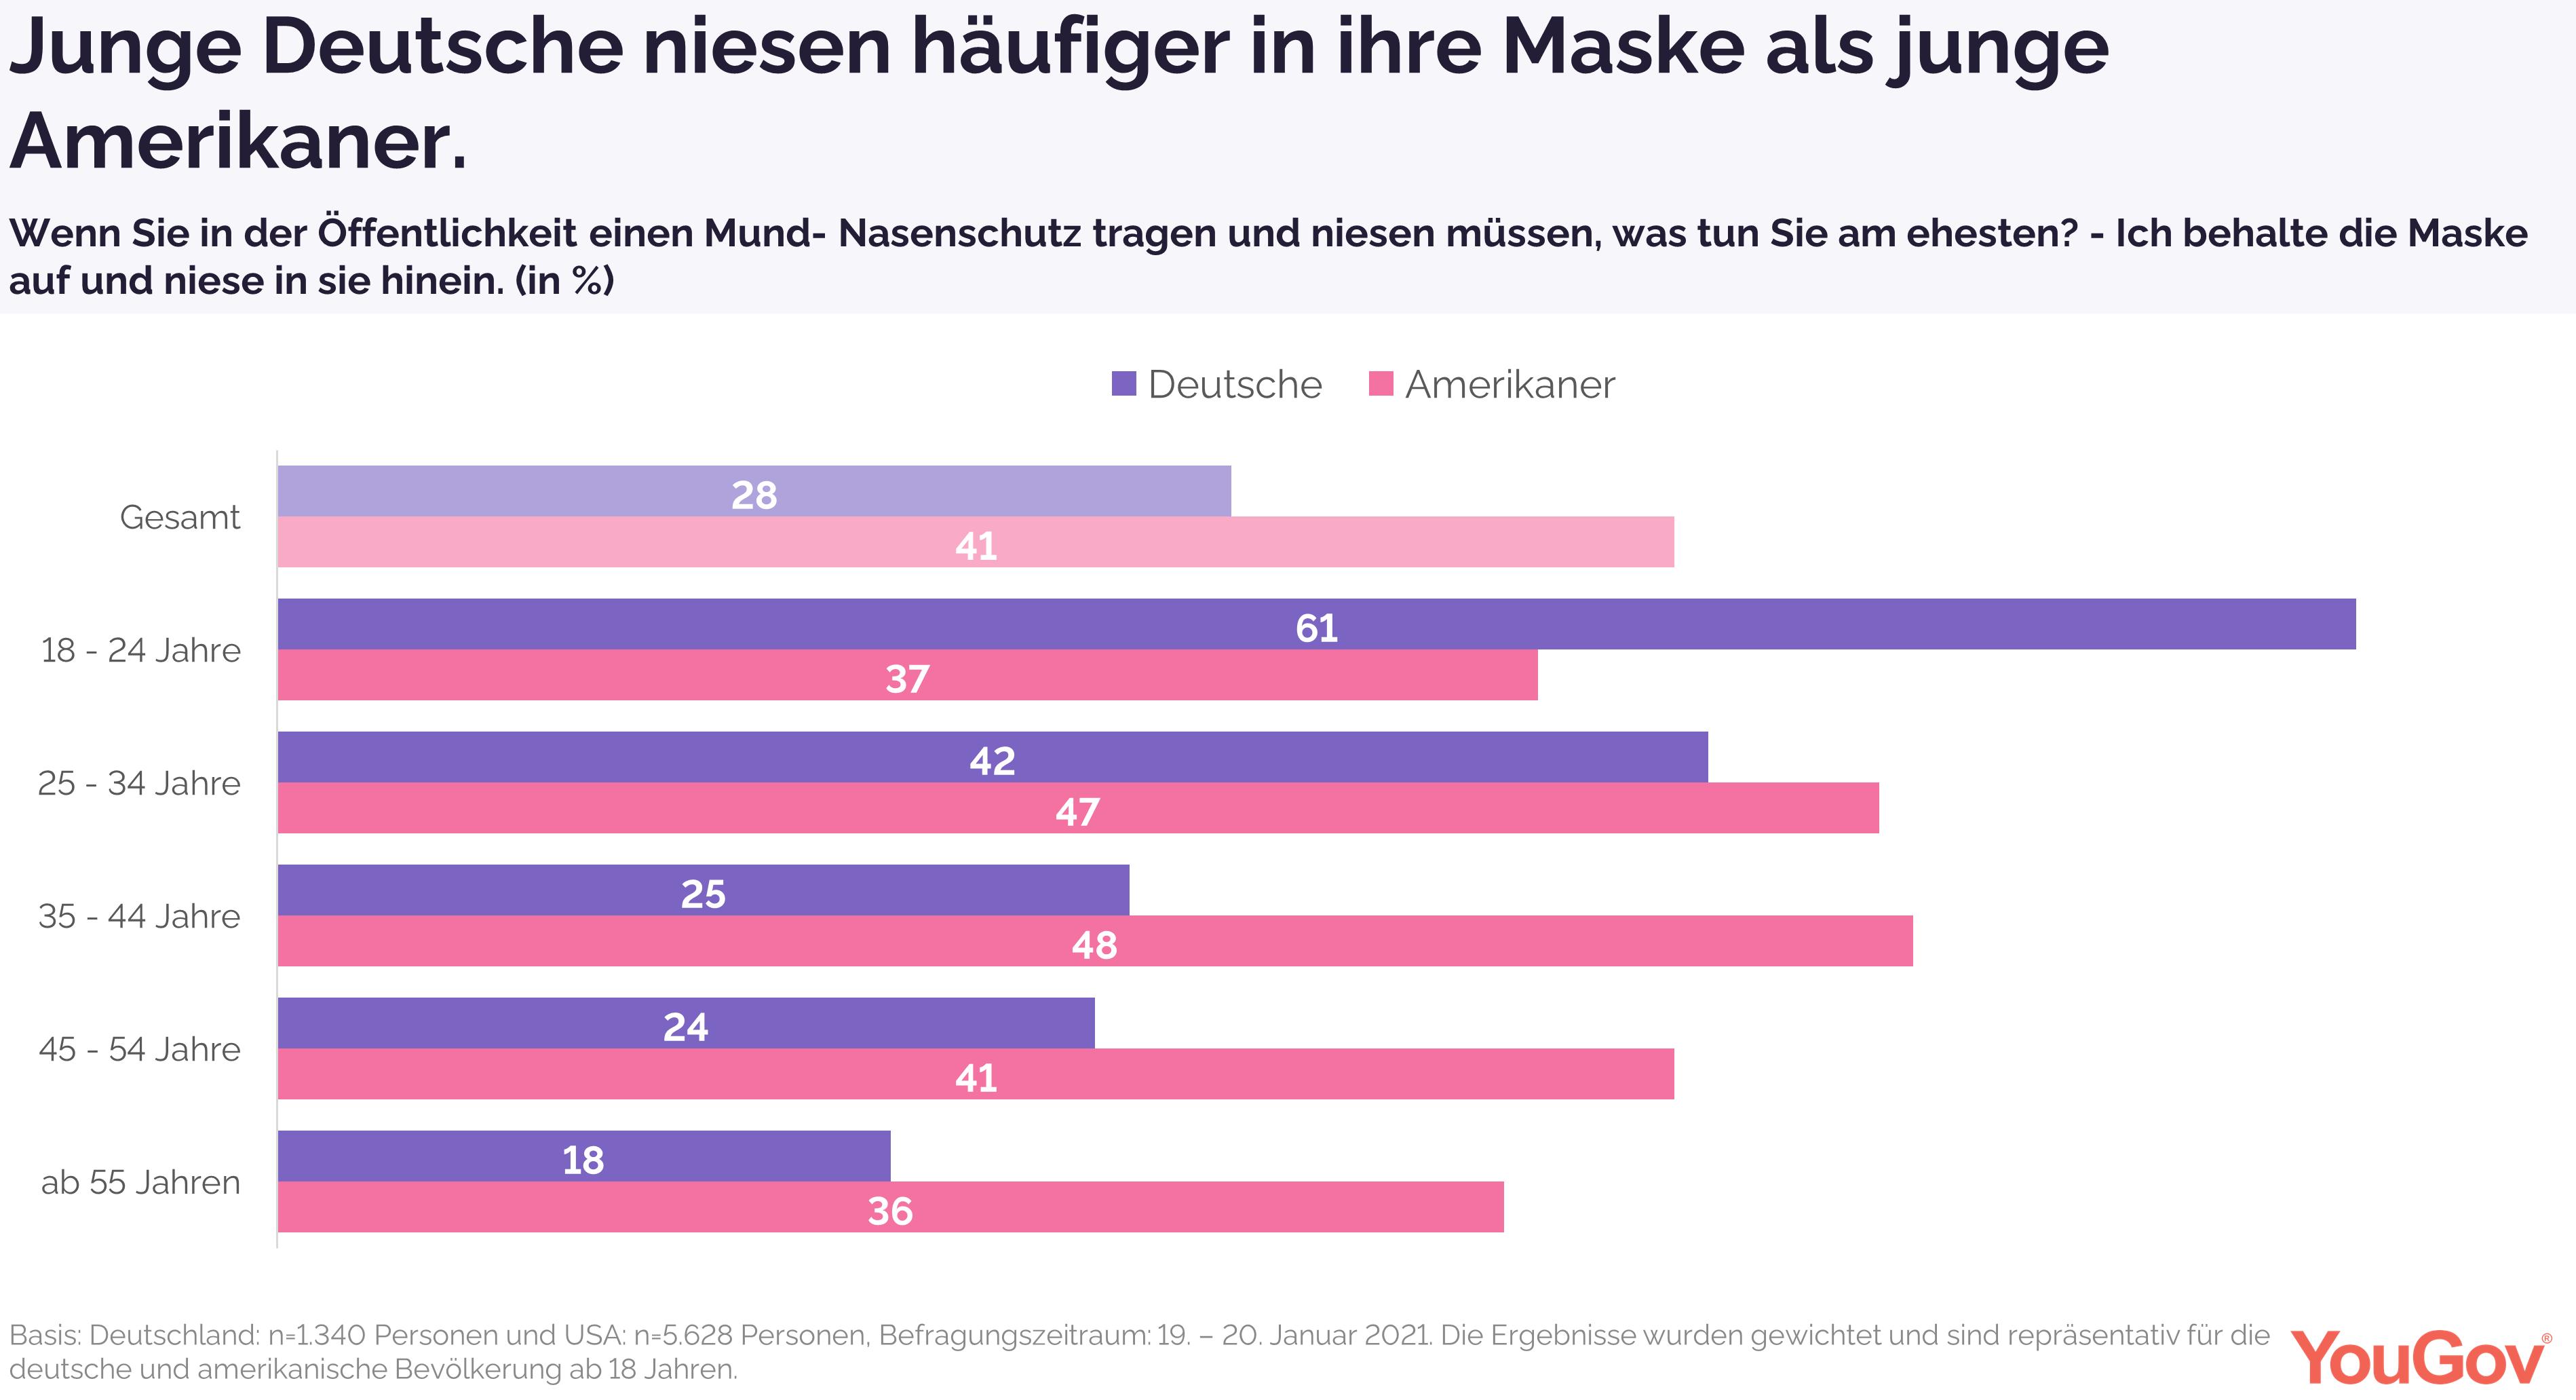 Junge Deutsche niesen häufiger in Maske als junge Amerikaner